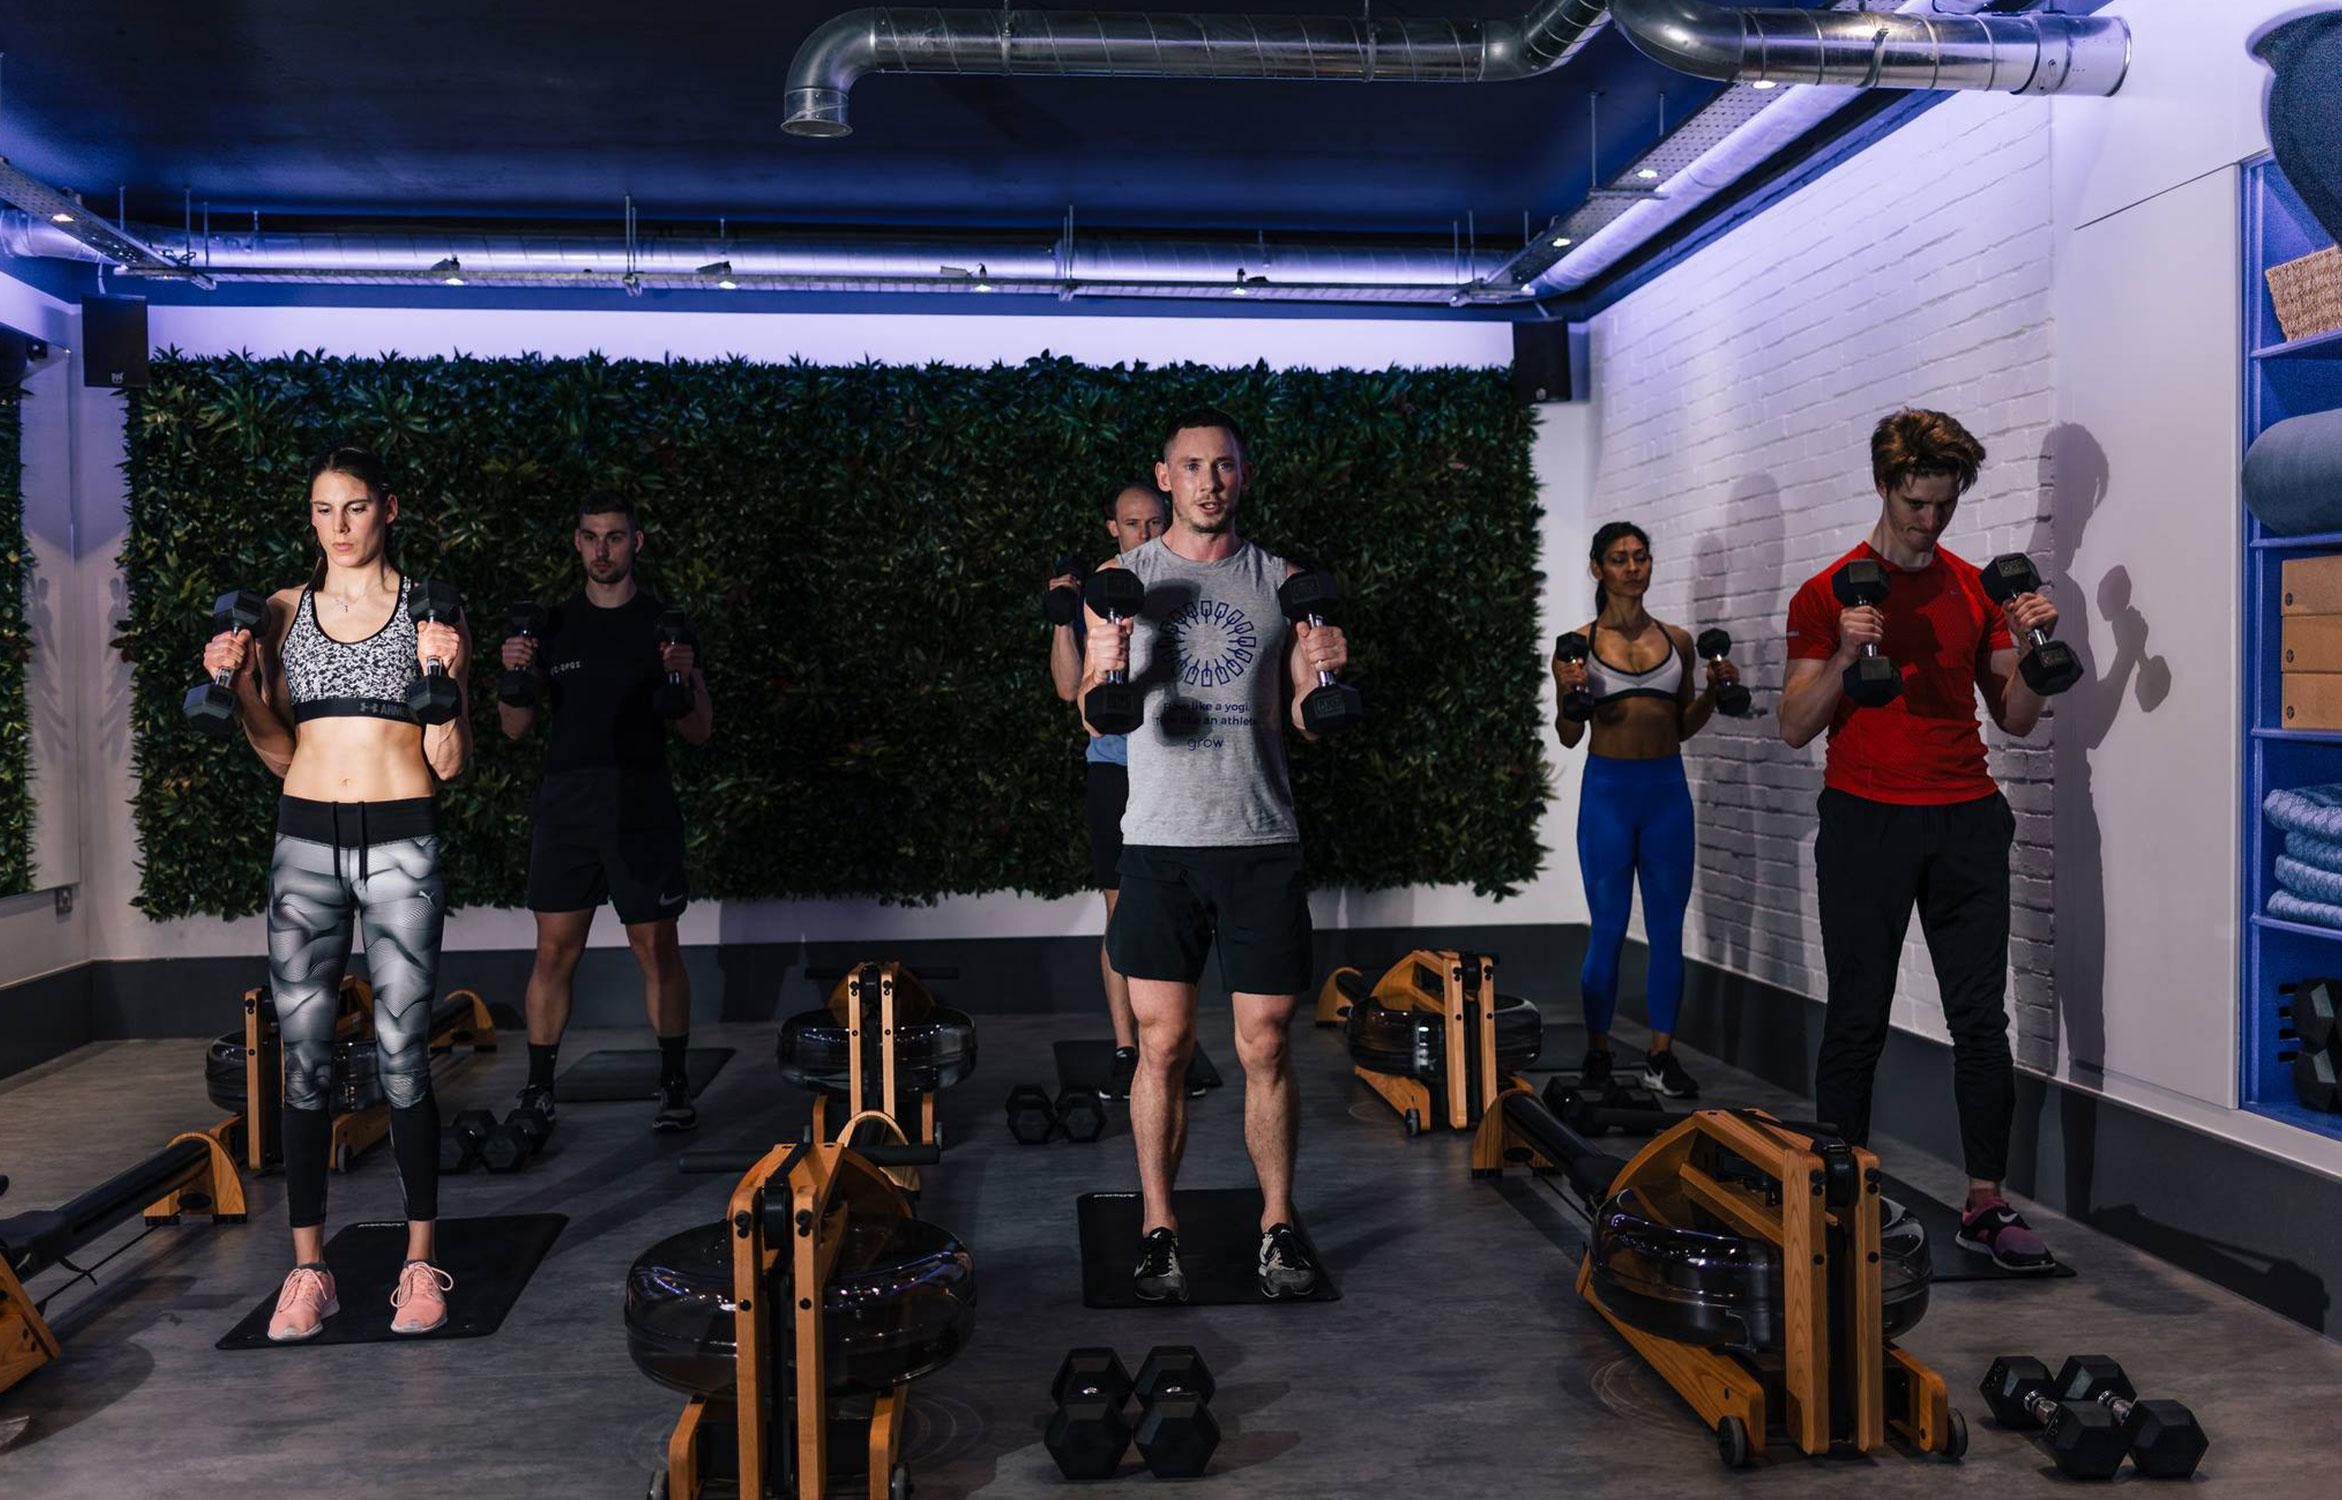 grow-gym-design-11